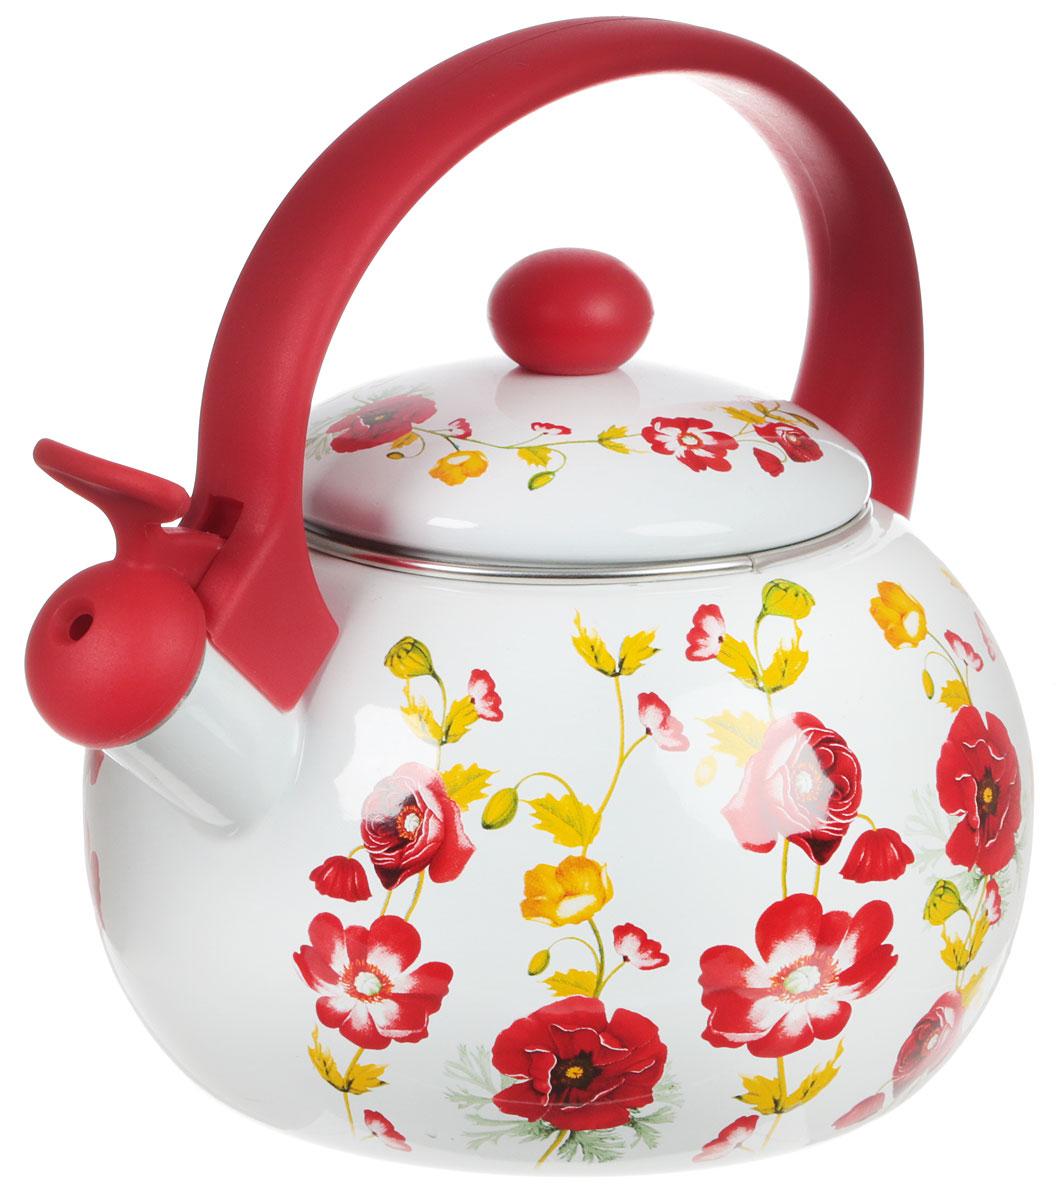 Чайник эмалированный Bohmann Чайная роза, со свистком, 2,5 л8142BH_чайная розаЧайник эмалированный Bohmann изготовлен изэмалированной стали и дополнен цветочным принтом.Прочность, надежность, стойкость к кислотам ипривлекательный внешний вид - основные свойства этогоматериала.Прочная фиксированная ручка, выполненная изтермостойкого пластика, не нагревается и обеспечиваеткомфортную эксплуатацию. Носик чайника оборудованоткидным свистком, который громким сигналом оповестит озакипании воды.Чайник подходит для газовых, электрических, галогеновых,индукционных, стеклокерамических плит. Можно мыть впосудомоечной машине. Диаметр (по верхнему краю): 11,5 см. Высота чайника (с учетом ручки): 20,5 см.